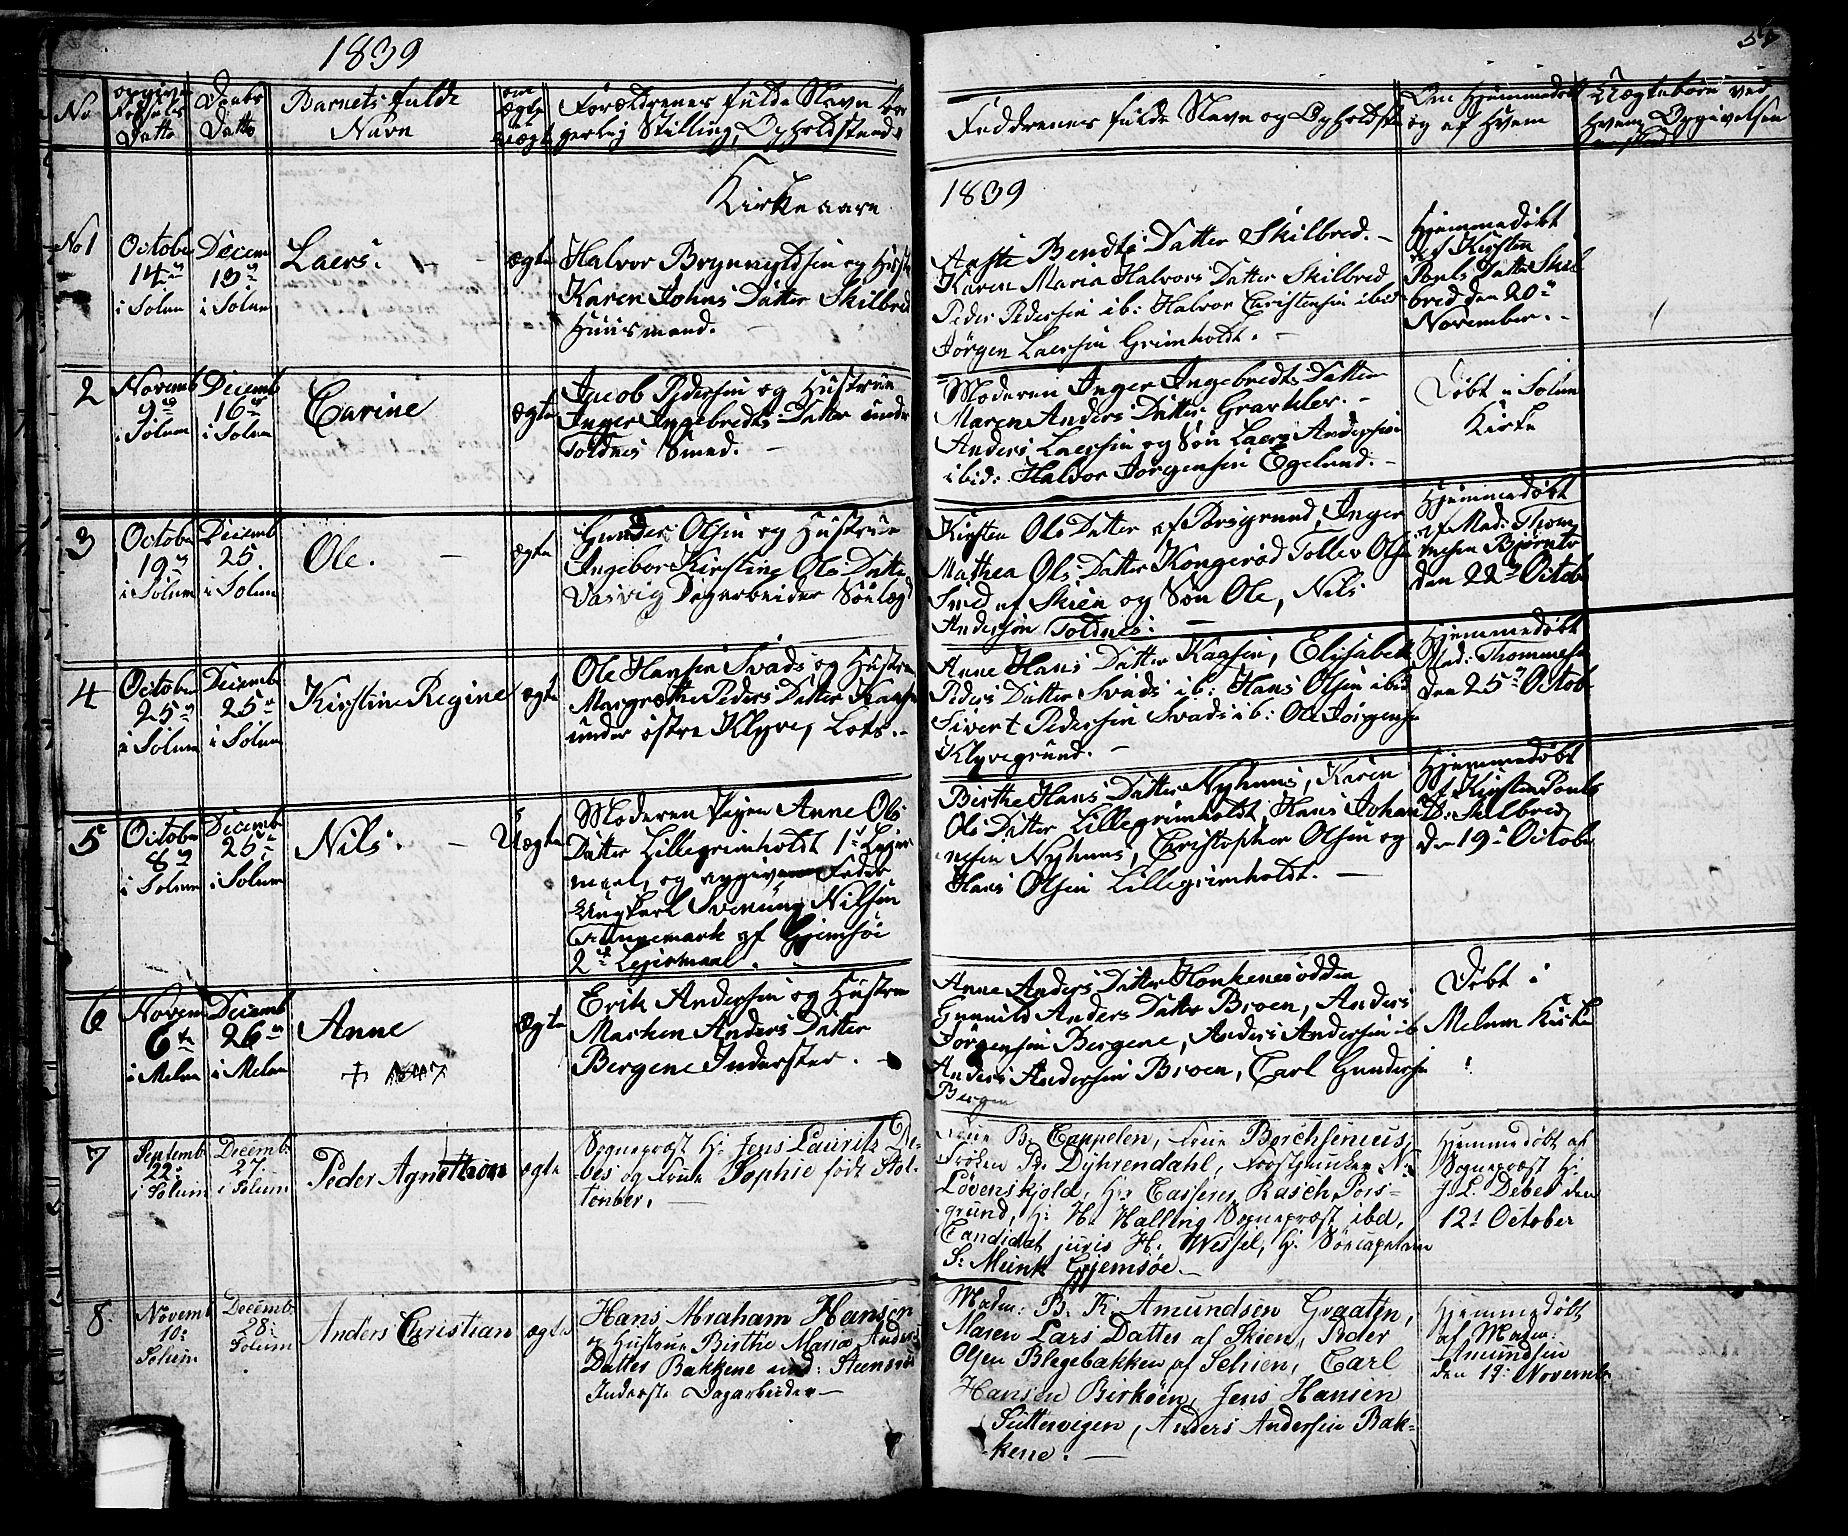 SAKO, Solum kirkebøker, G/Ga/L0002: Klokkerbok nr. I 2, 1834-1848, s. 57